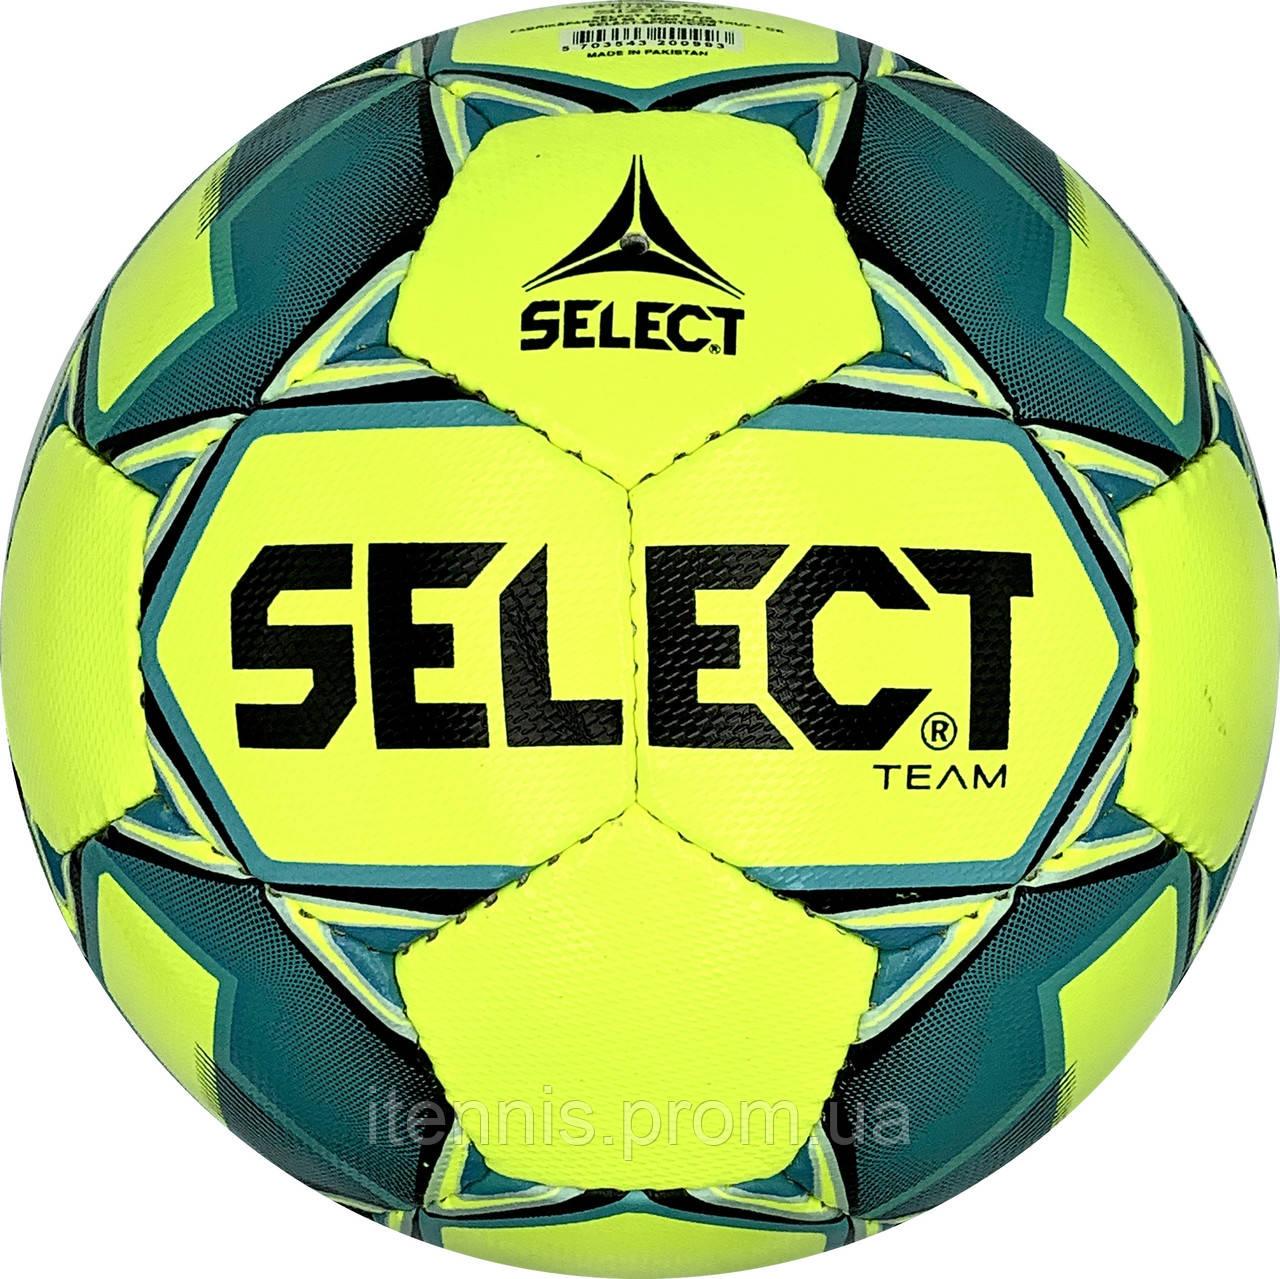 Футбольный мяч Select TEAM 2019